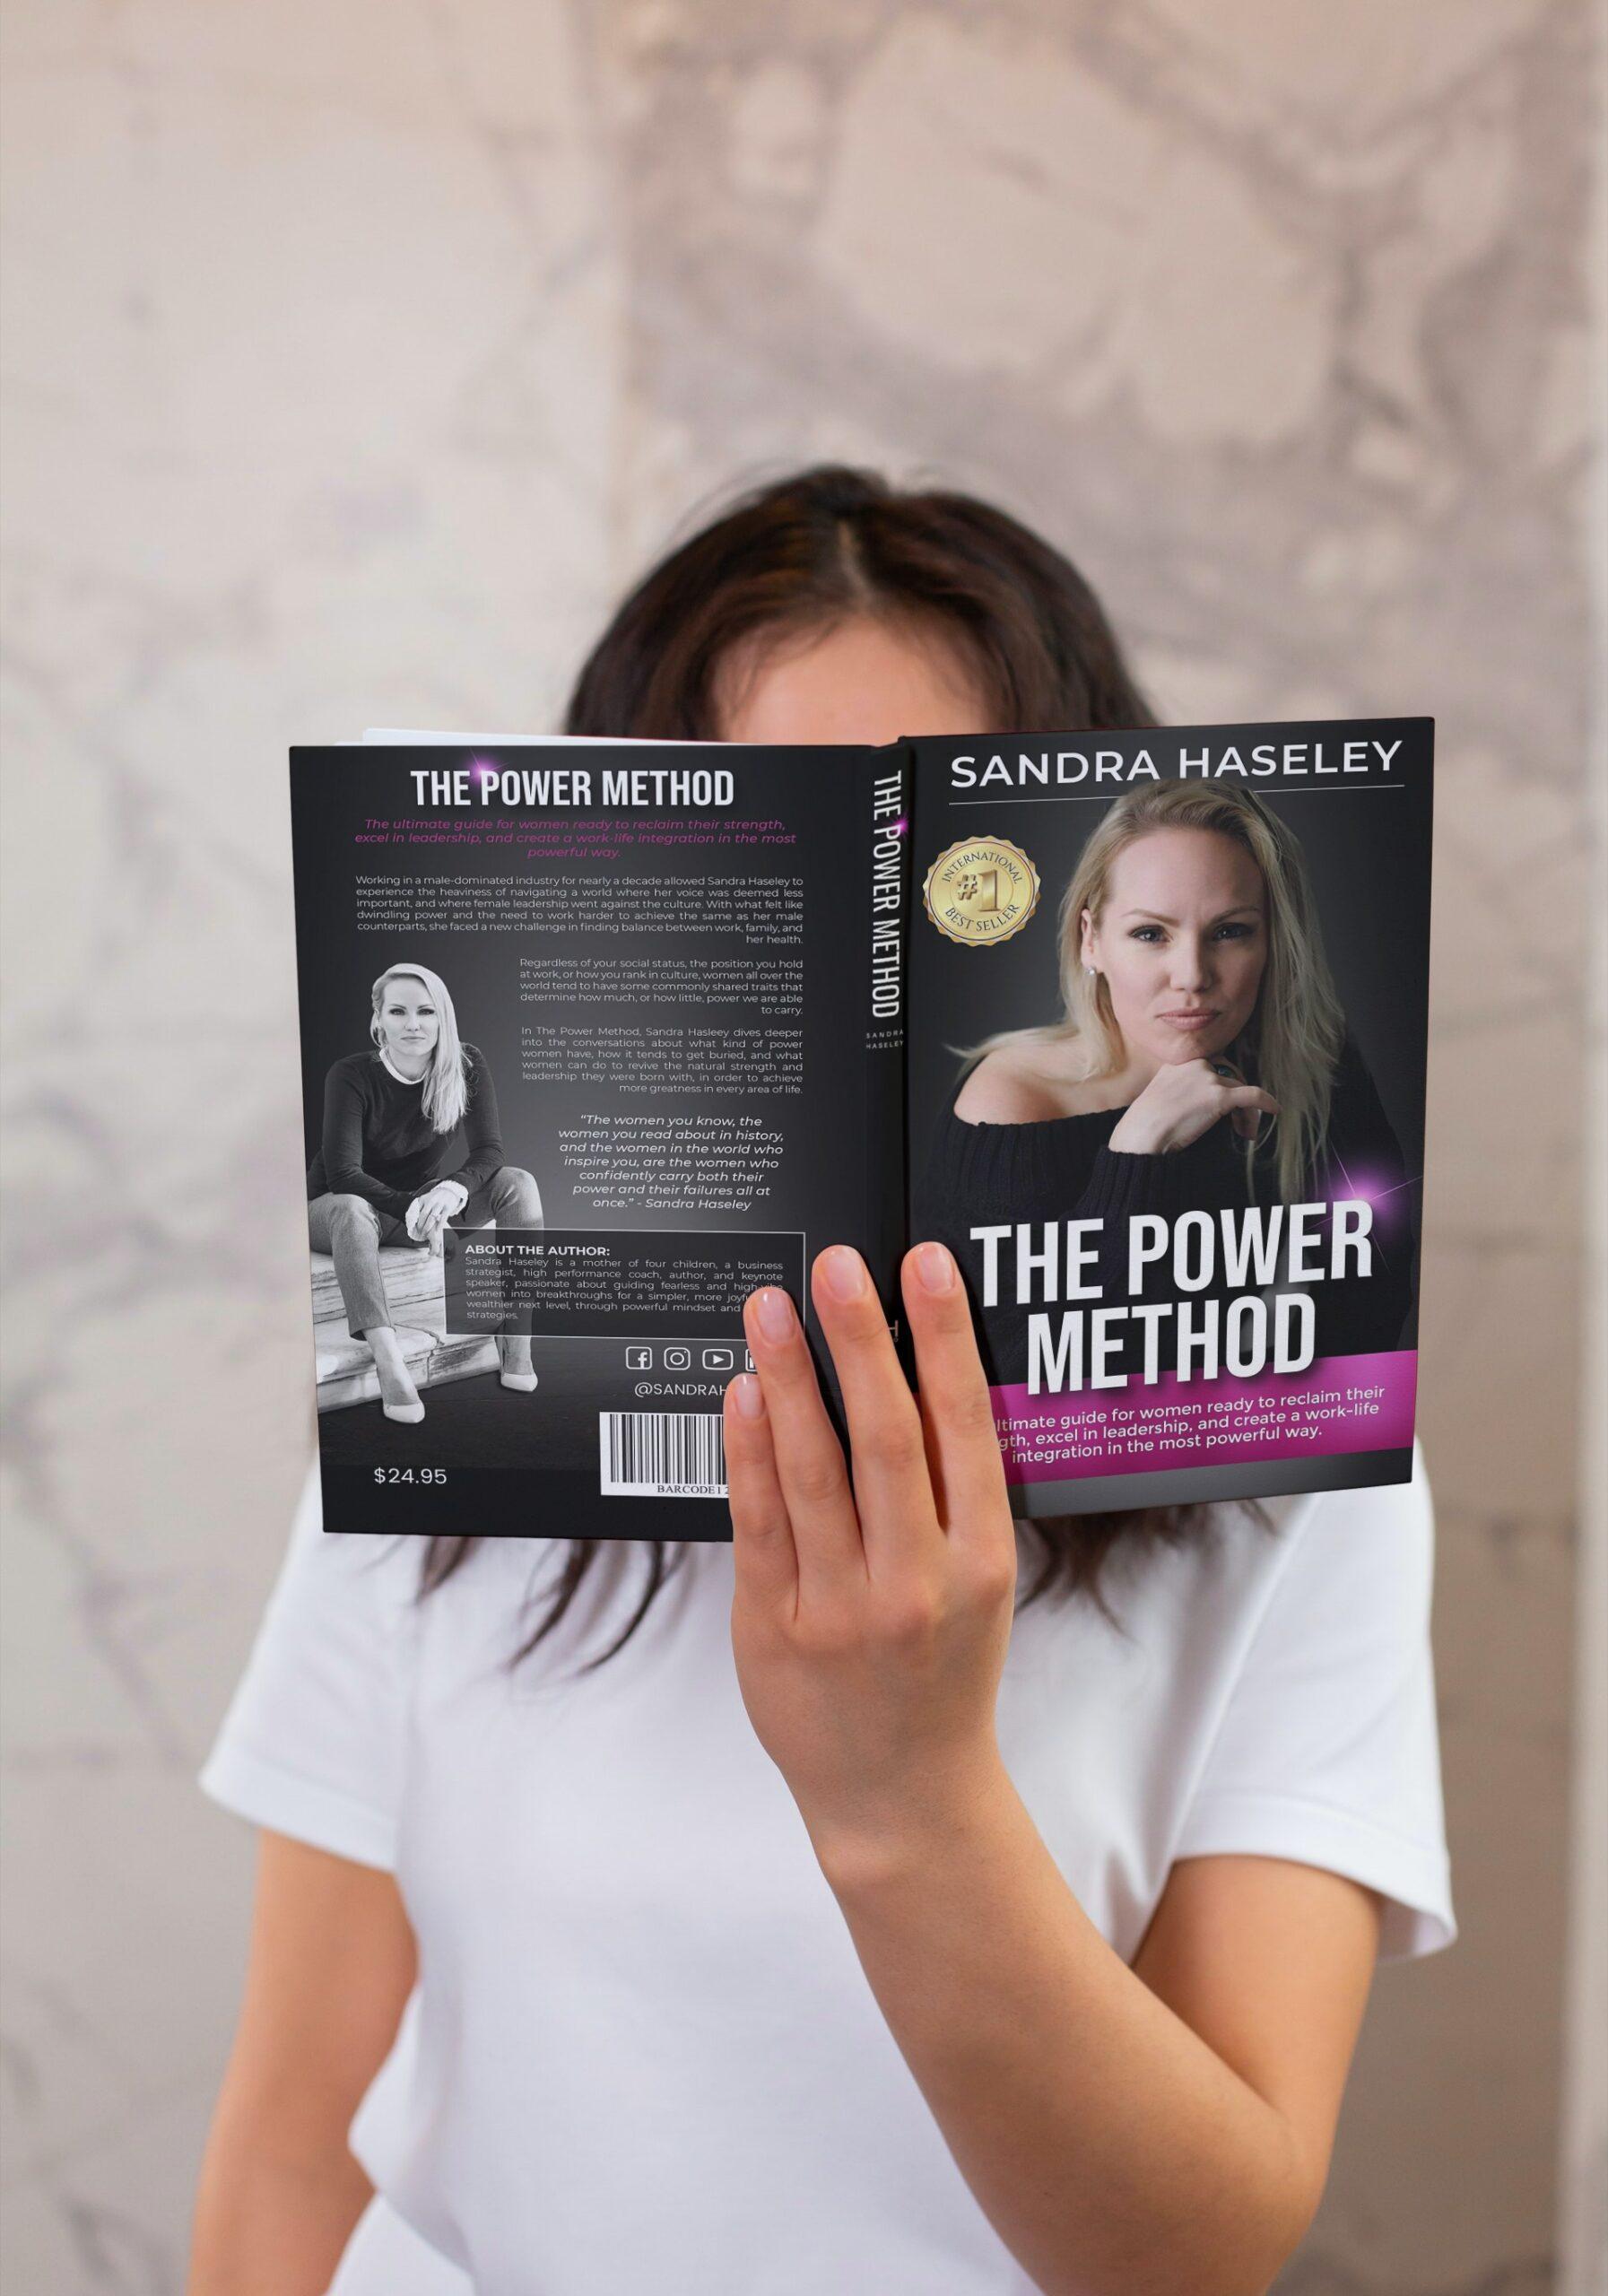 power method best selling book